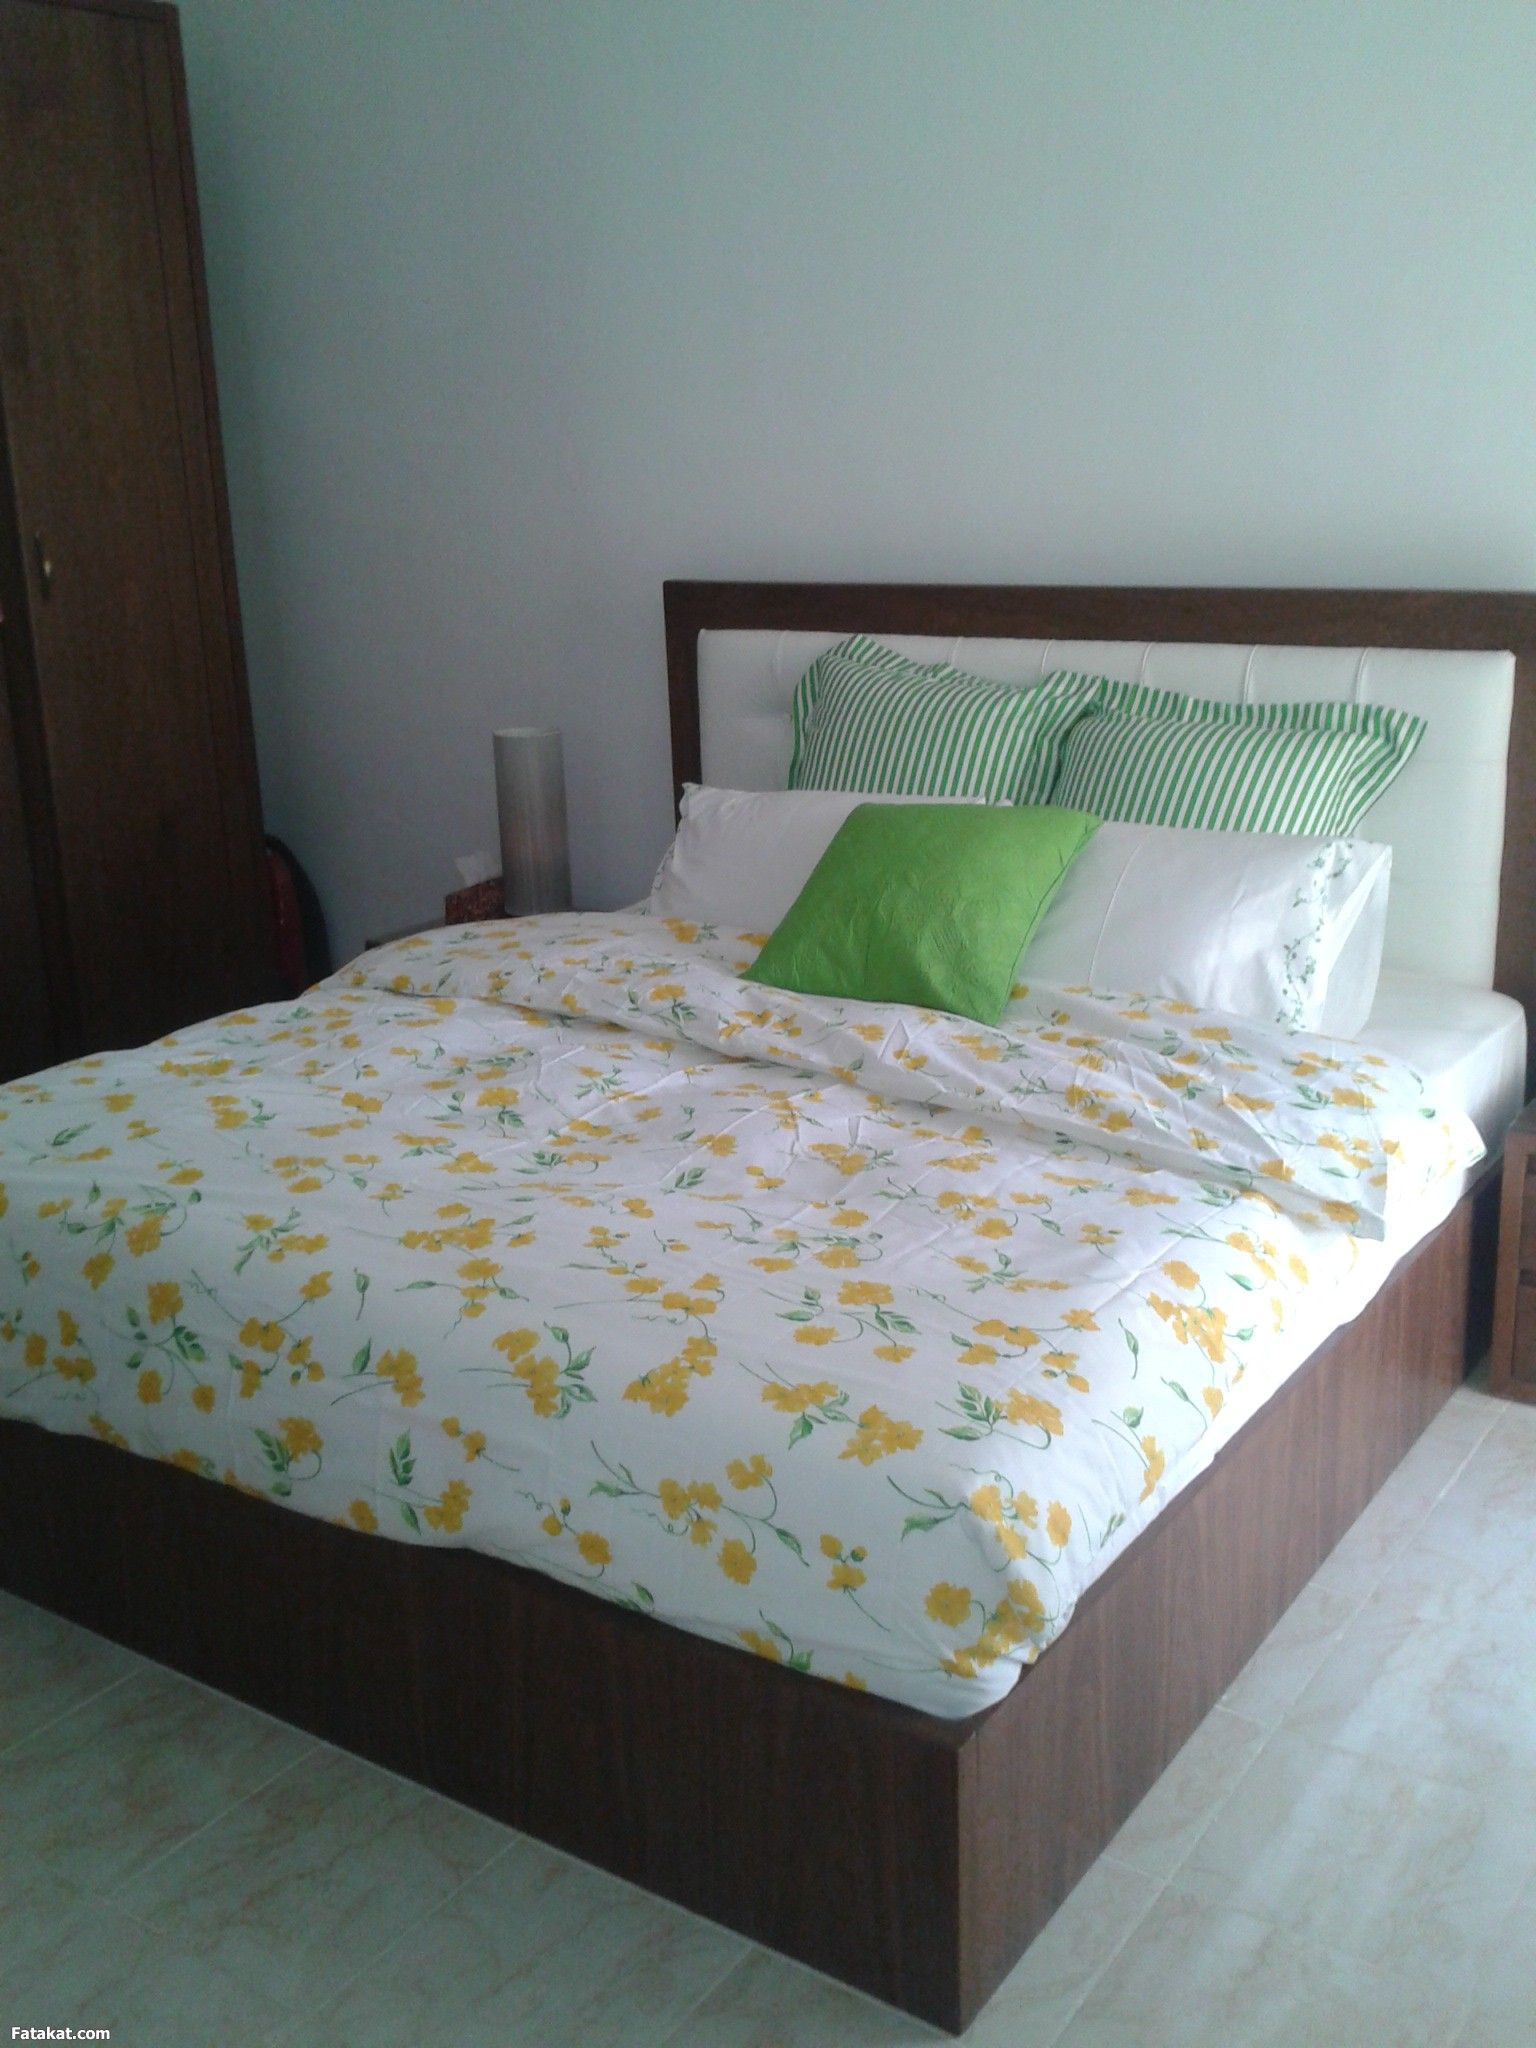 فكر جديد فى فرش النوم افرشى اوضتك زى الفنادق Home Decor Decor Furniture